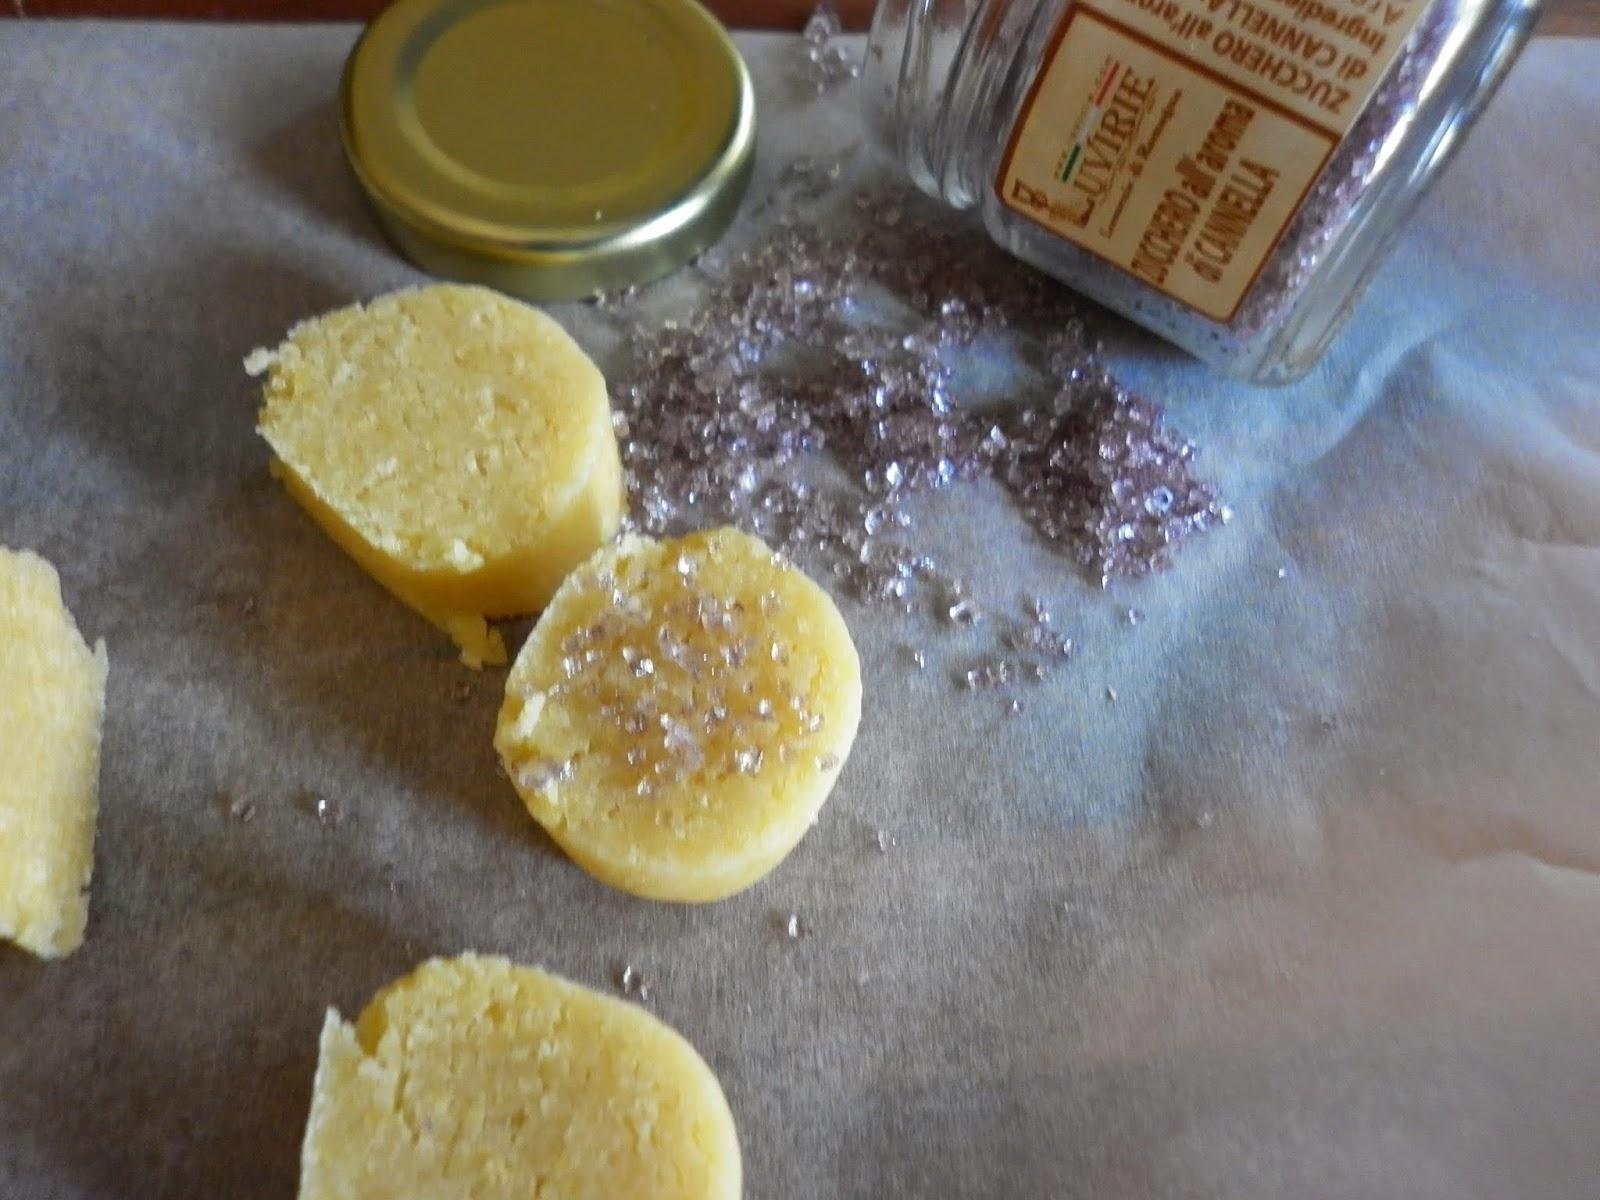 biscotti al burro con zucchero all'aroma di cannella